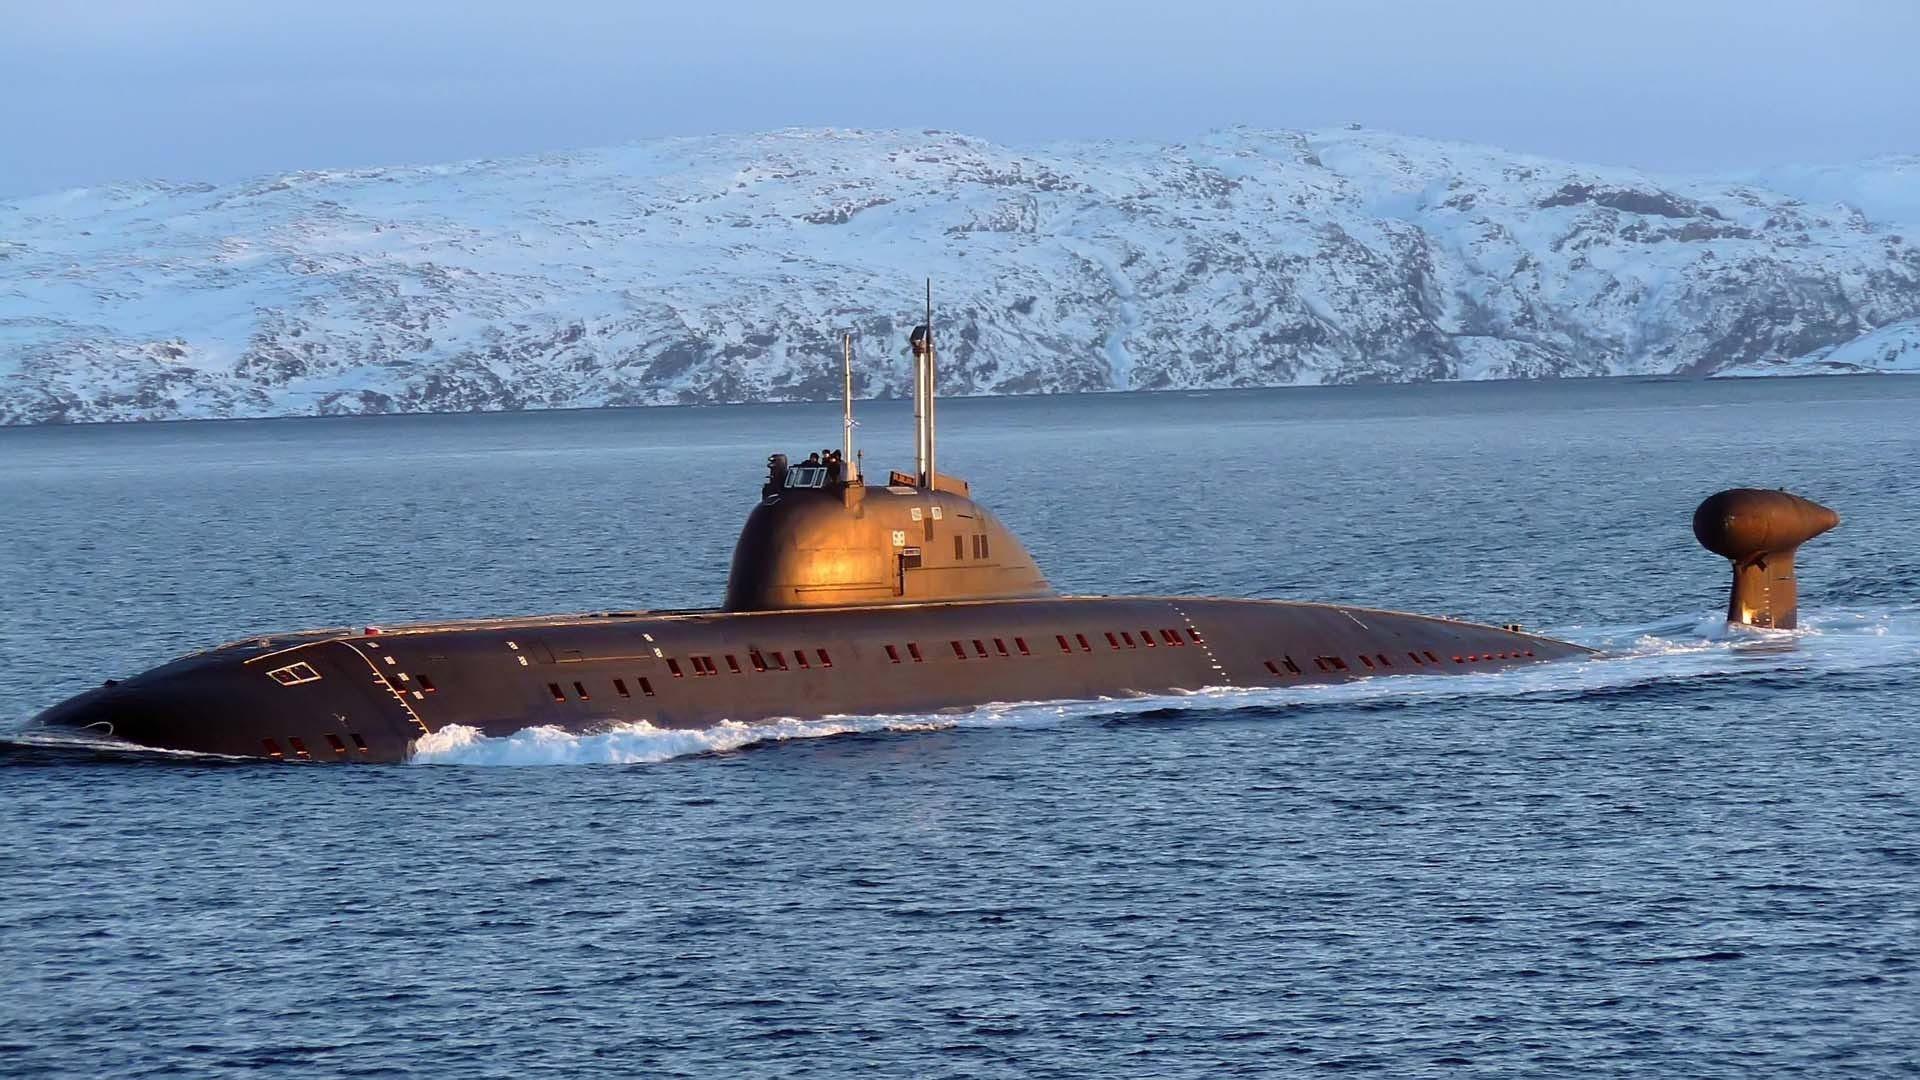 ВМФ получит подводную лодку «Белгород» в следующем 2018